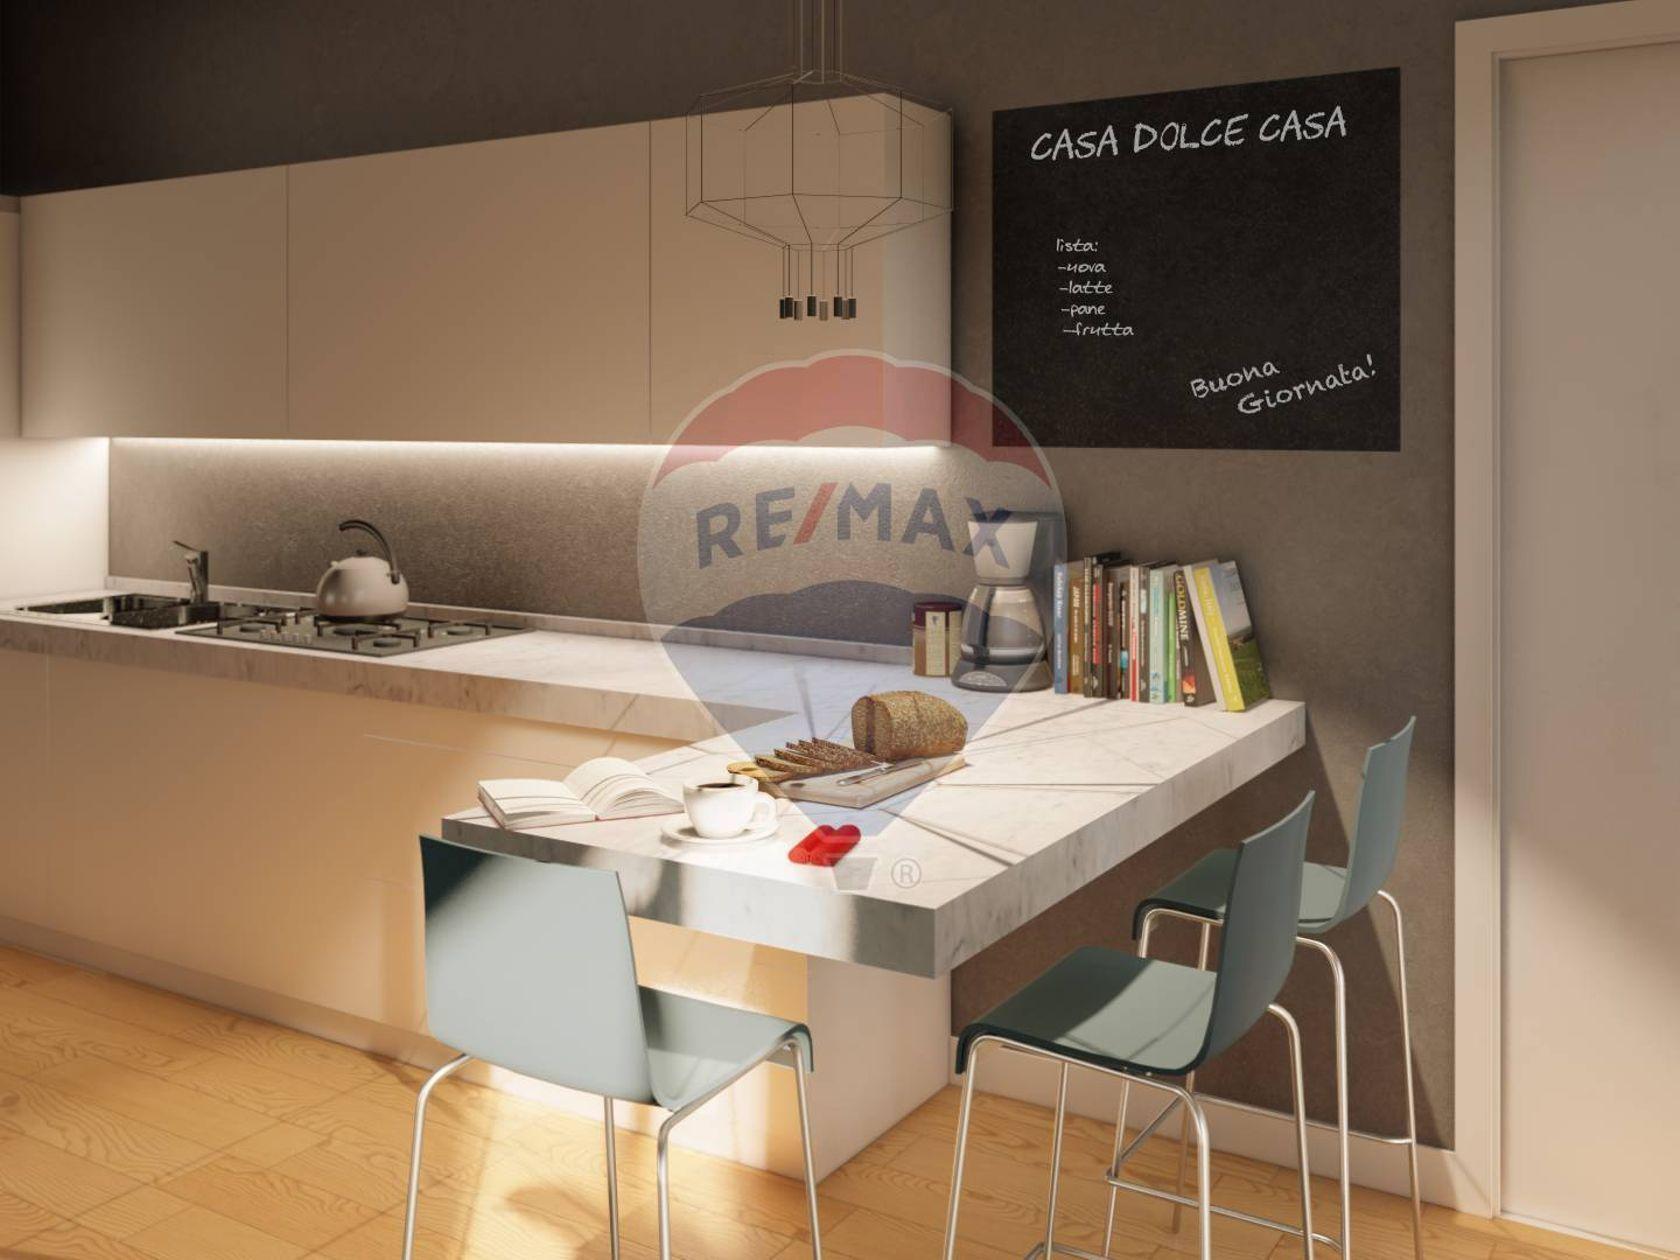 Casa Dolce Casa Roma appartamento in vendita roma 32401077-30   re/max italia